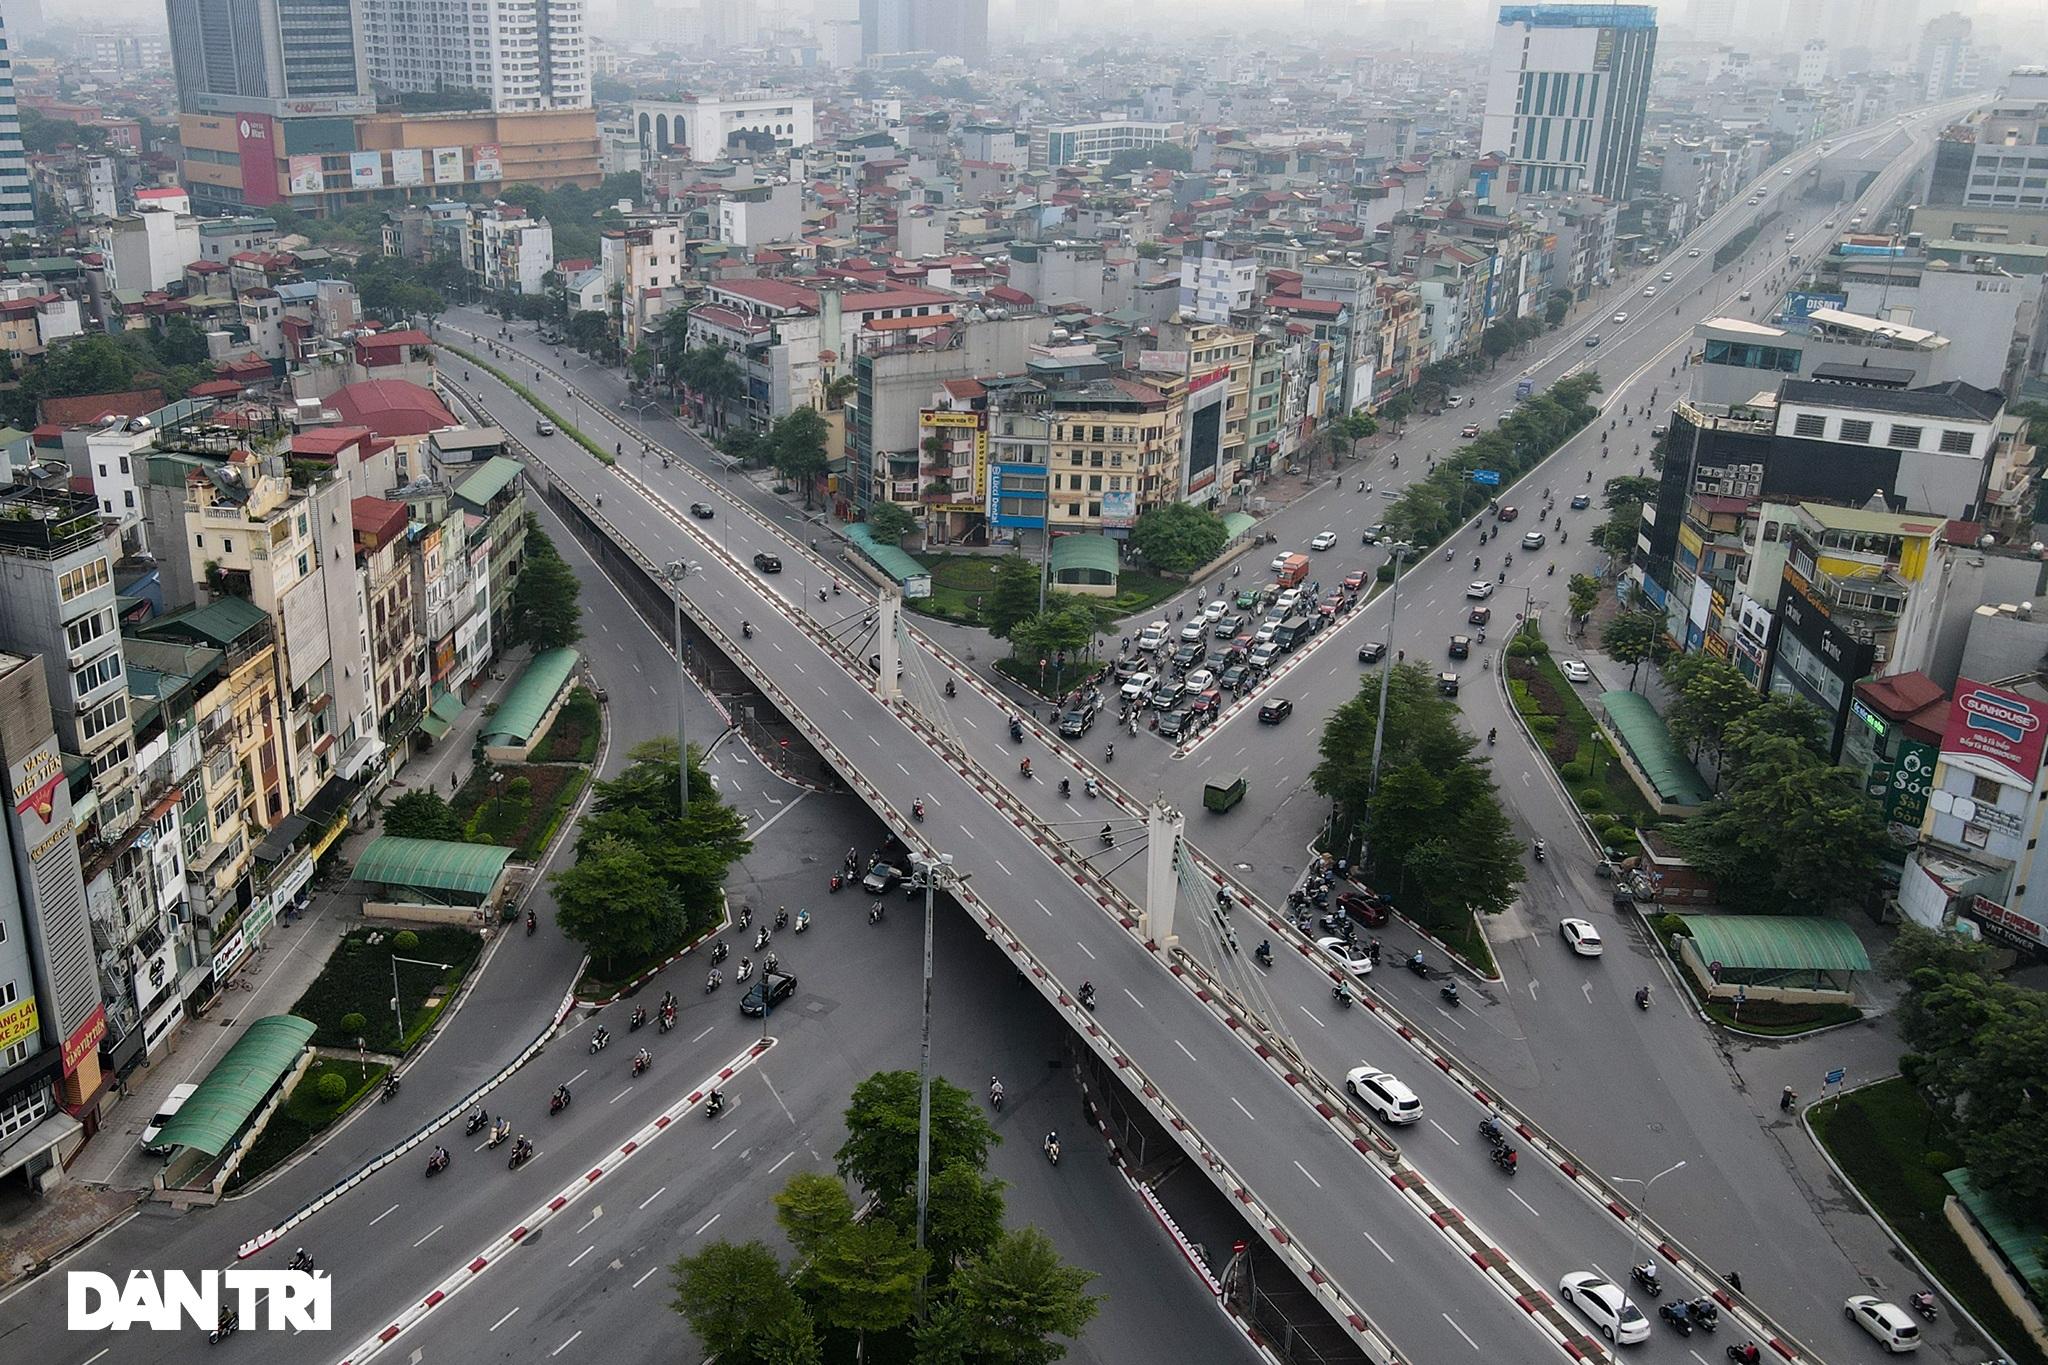 Đường phố tấp nập xe cộ sau khi TP Hà Nội bỏ quy định giấy đi đường - 6